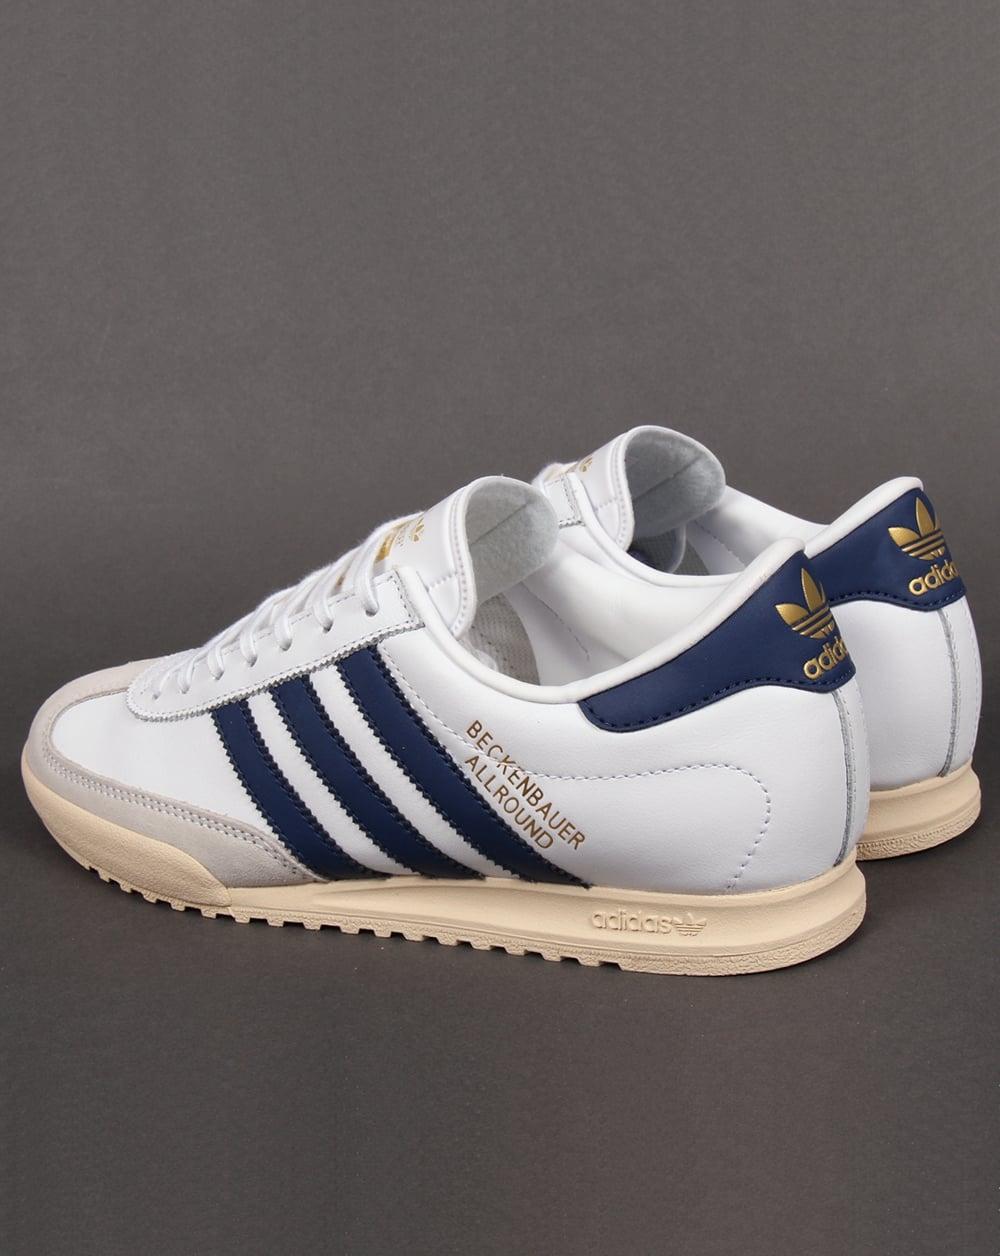 adidas beckenbauer allround adidas beckenbauer trainers white/navy/gold XPLSFTX